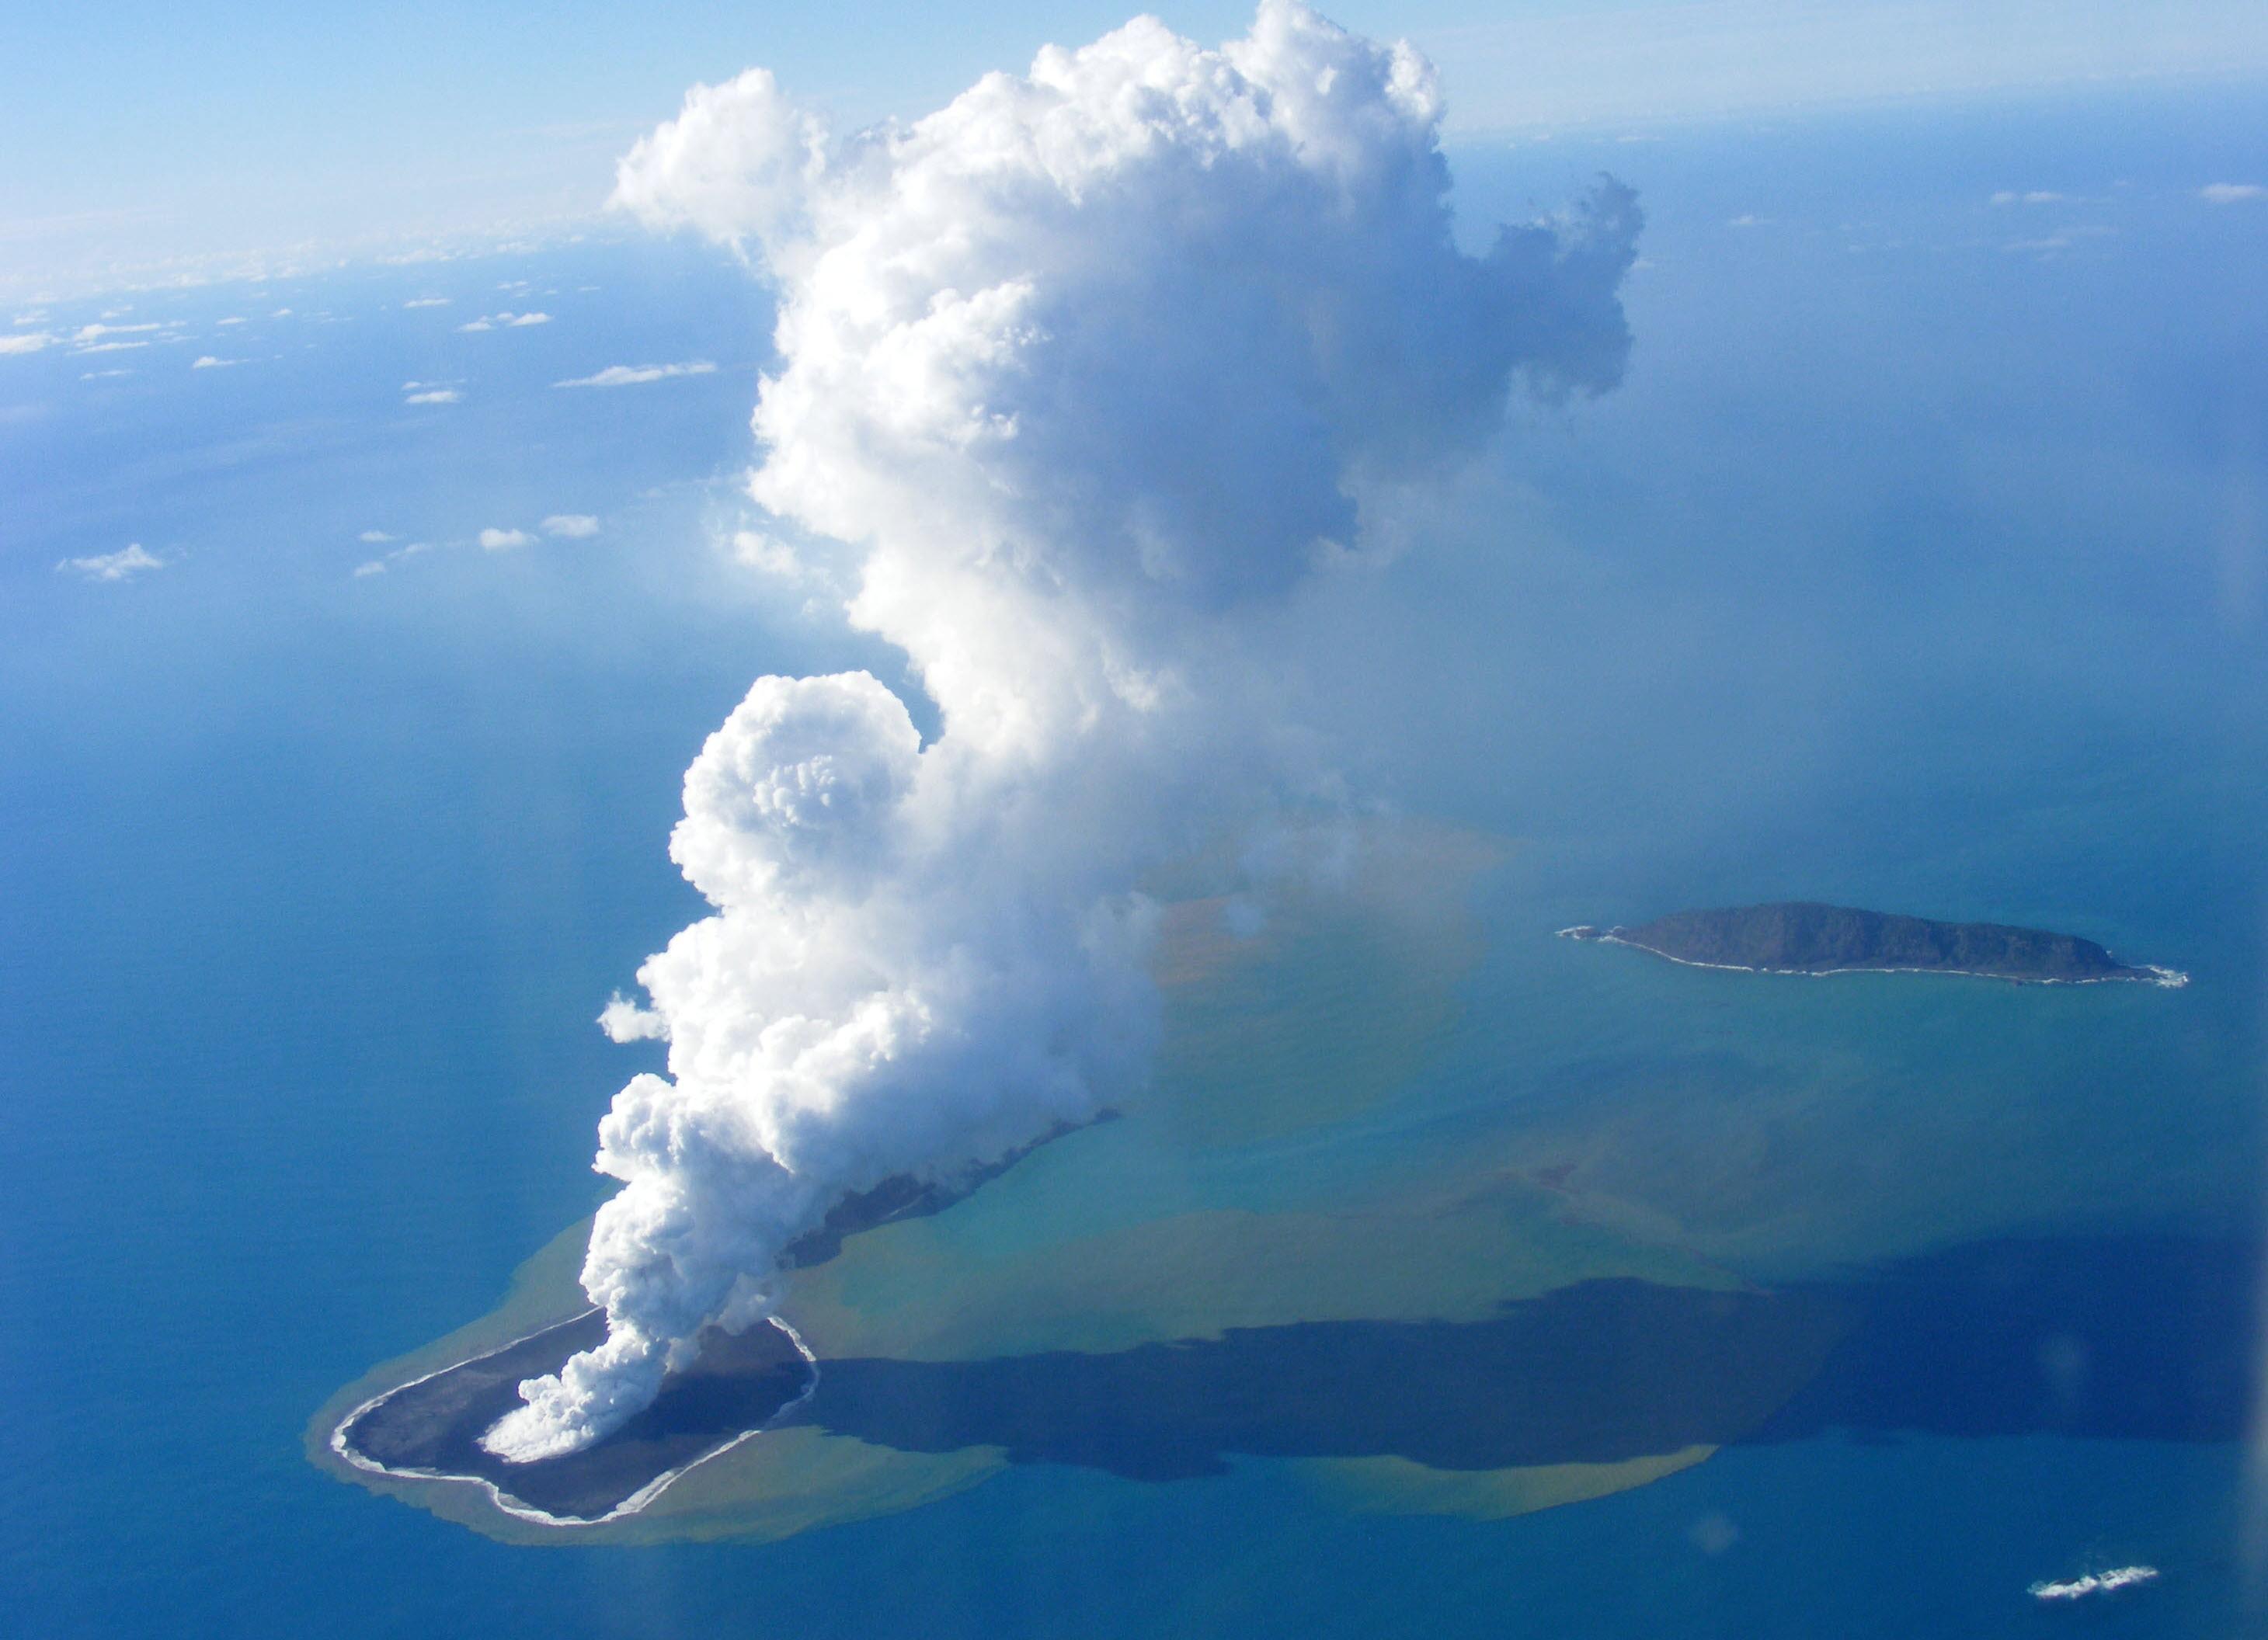 Zboruri anulate din cauza eruptiei vulcanului Hunga Ha'apai. Principalele doua companii aeriene afectate